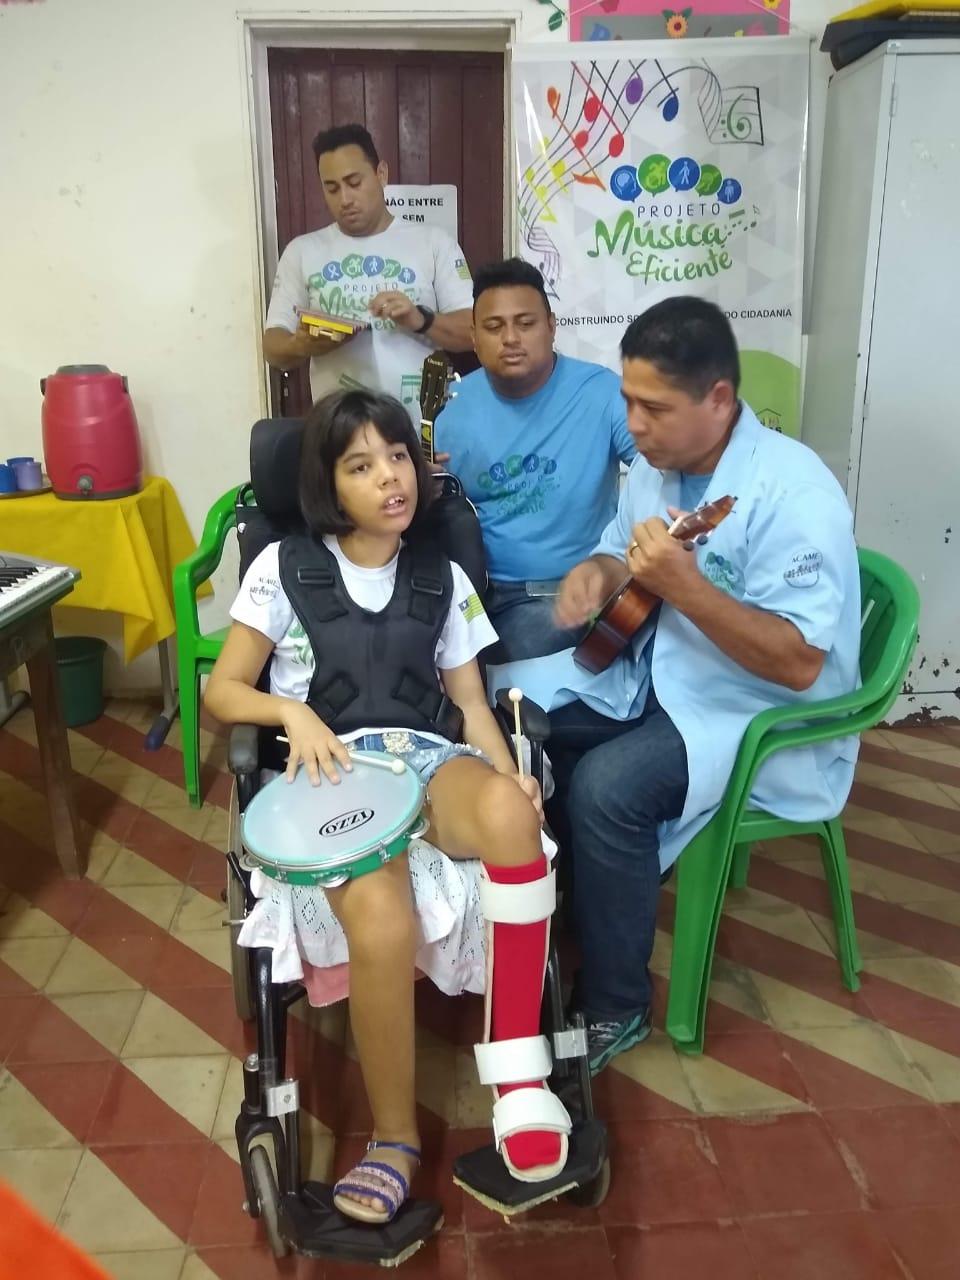 Projeto Música Eficiente promove inclusão com atividades lúdicas - Foto: Divulgação